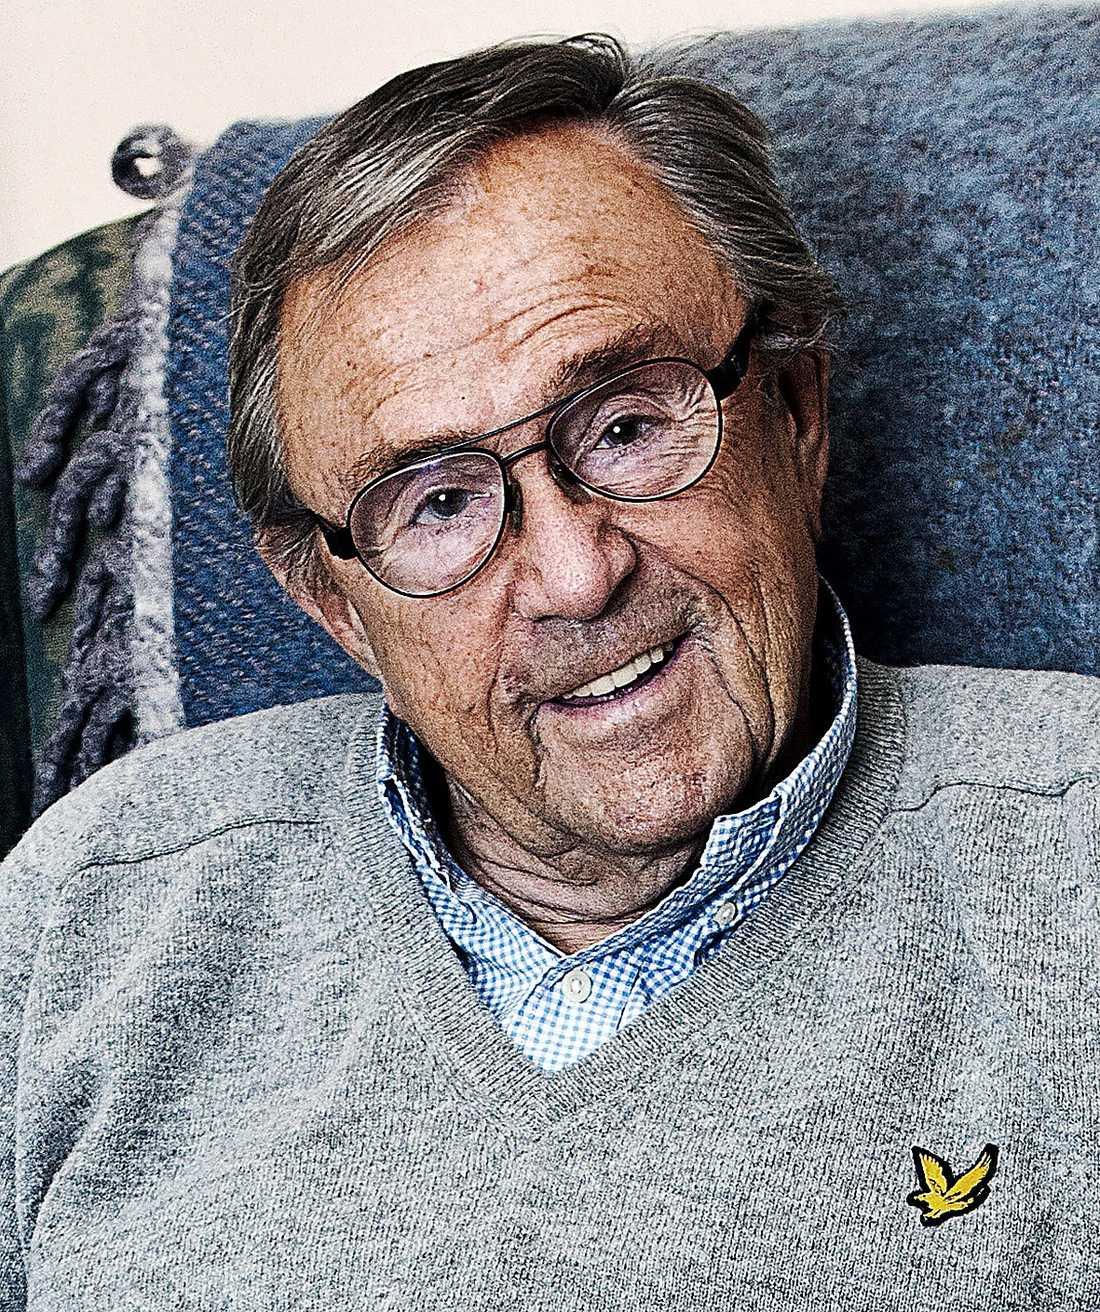 Arne Weise, 80: – Han är den som man förknippar yrket med från början, säger Henrik Bennetter, före detta hallåa i SVT. Utöver uppgiften som programpresentatör var Arne Weise kanalens programvärd på julafton mellan 1972–2002.